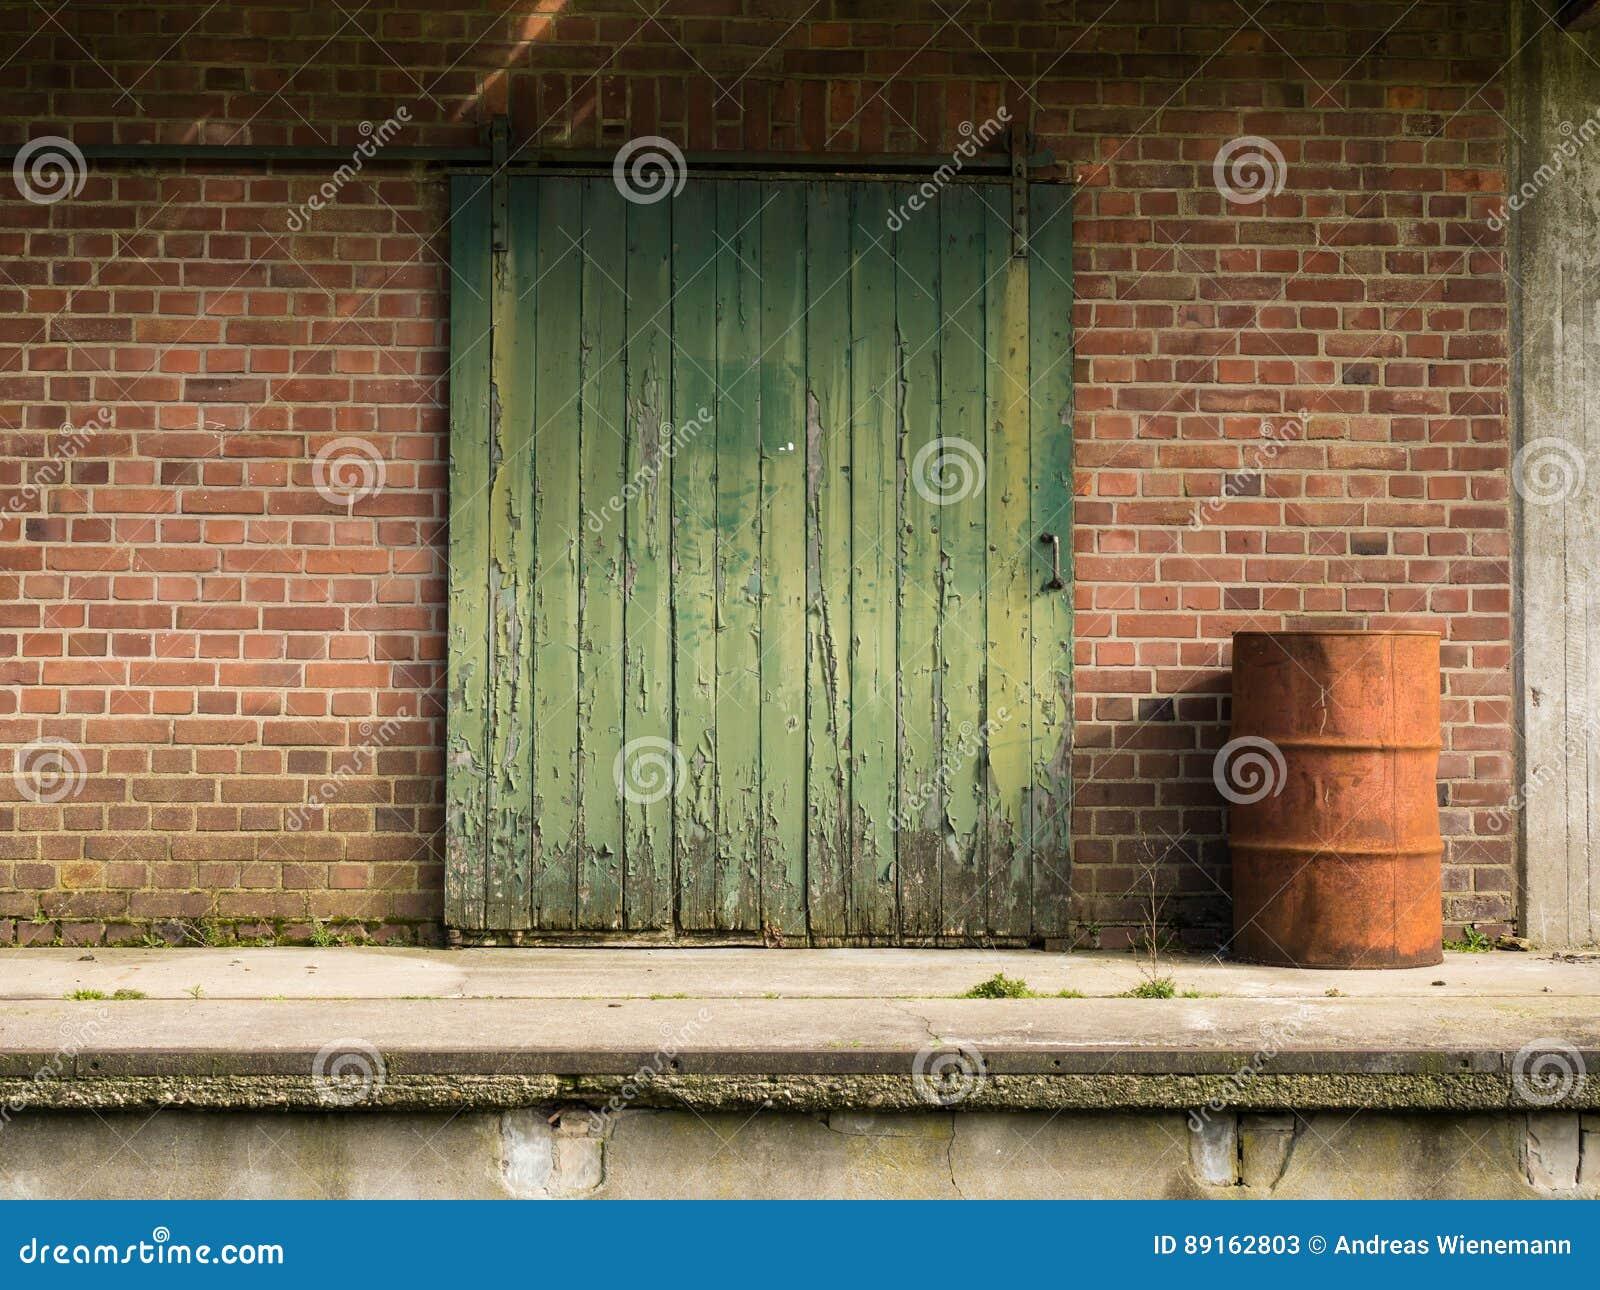 Vieille Porte En Bois Coulissante vieille porte coulissante en bois verte image stock - image